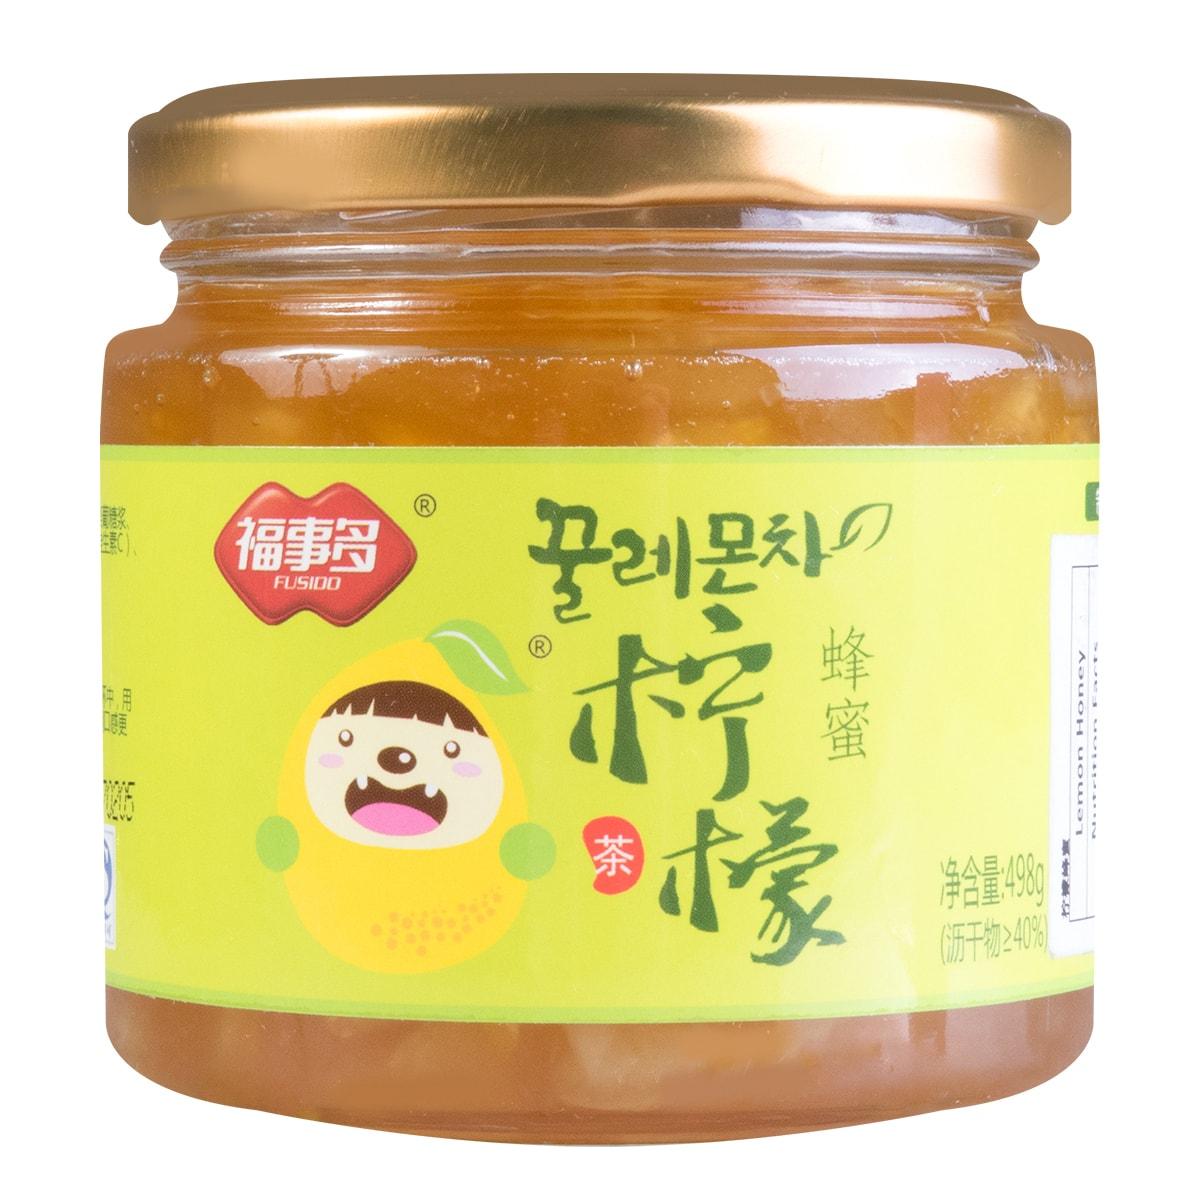 福事多 韩国风味 蜂蜜柠檬茶 498g